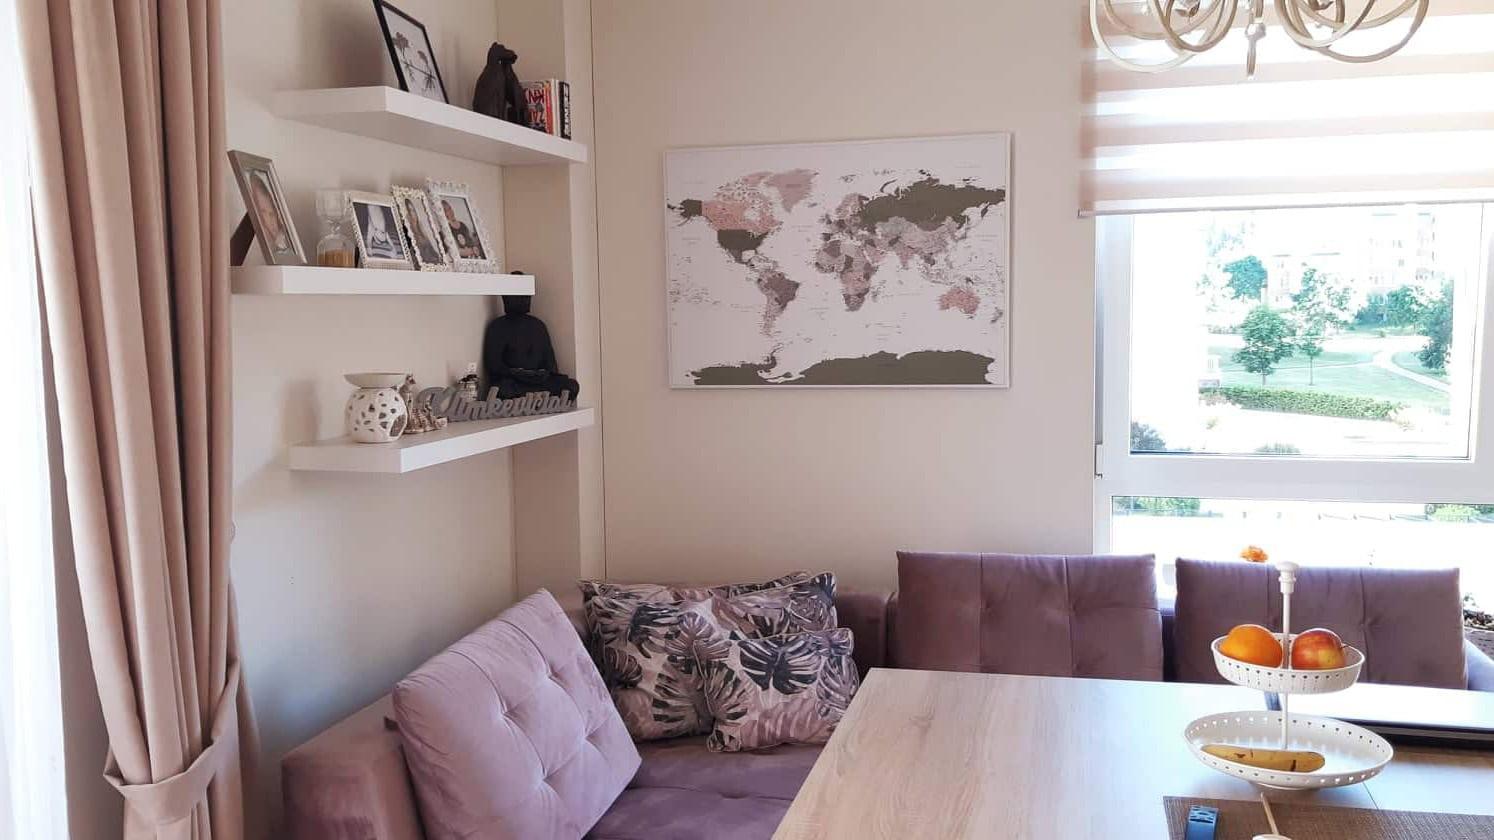 Detailliert pinnwand tripmapworld